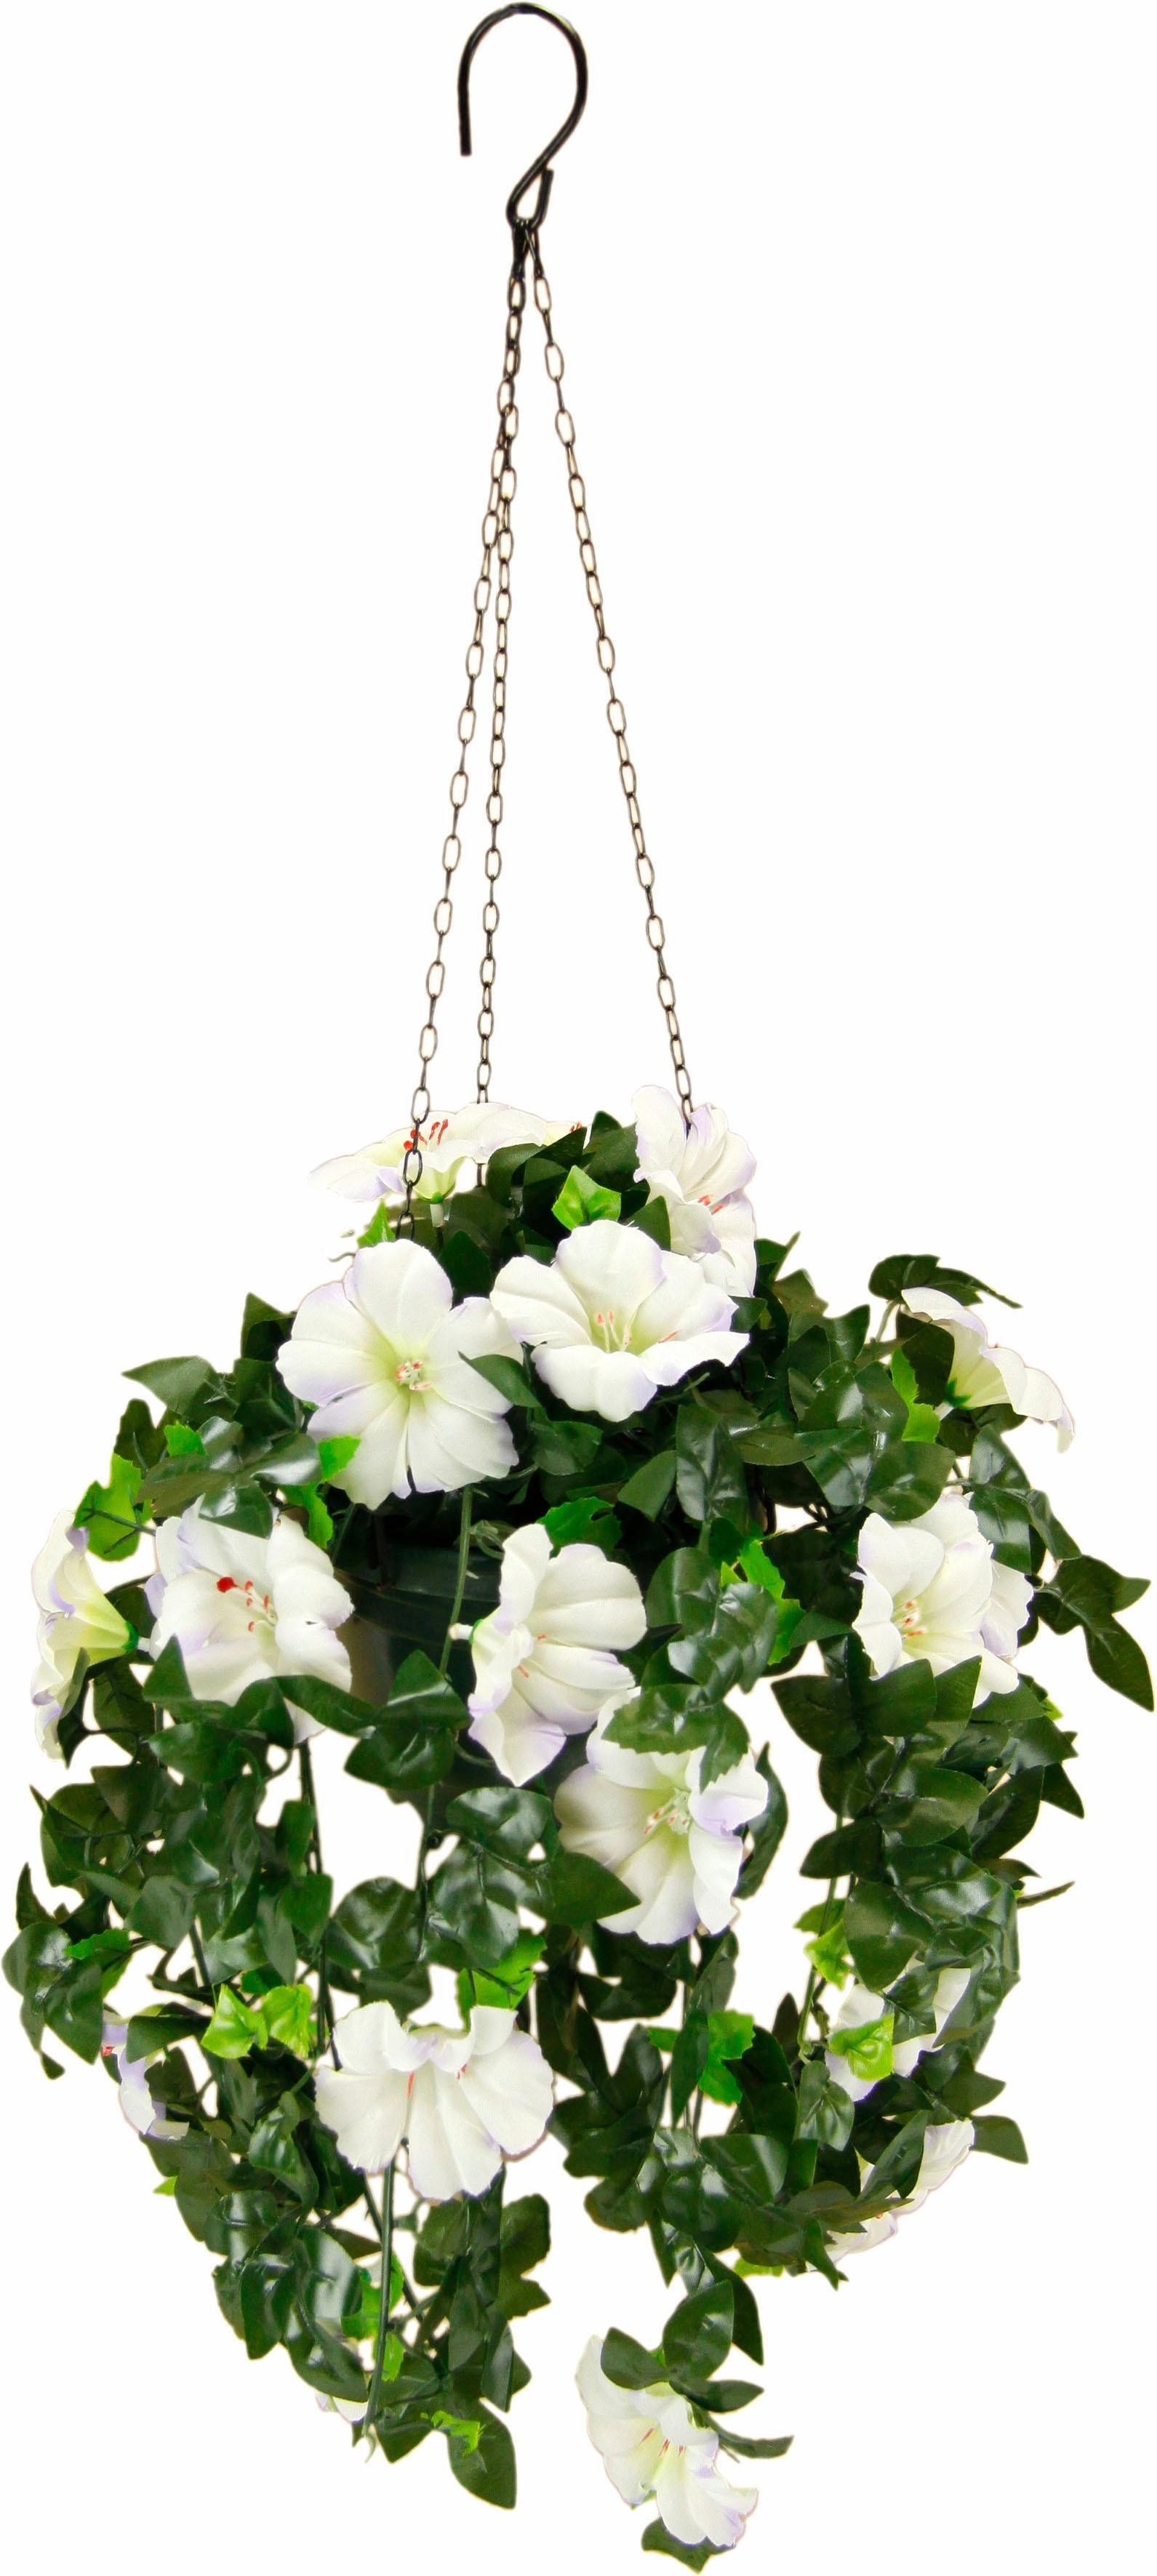 Kunstpflanze Petunien Hängeampel 66 cm Technik & Freizeit/Heimwerken & Garten/Garten & Balkon/Pflanzen/Kunstpflanzen/Kunst-Kränze